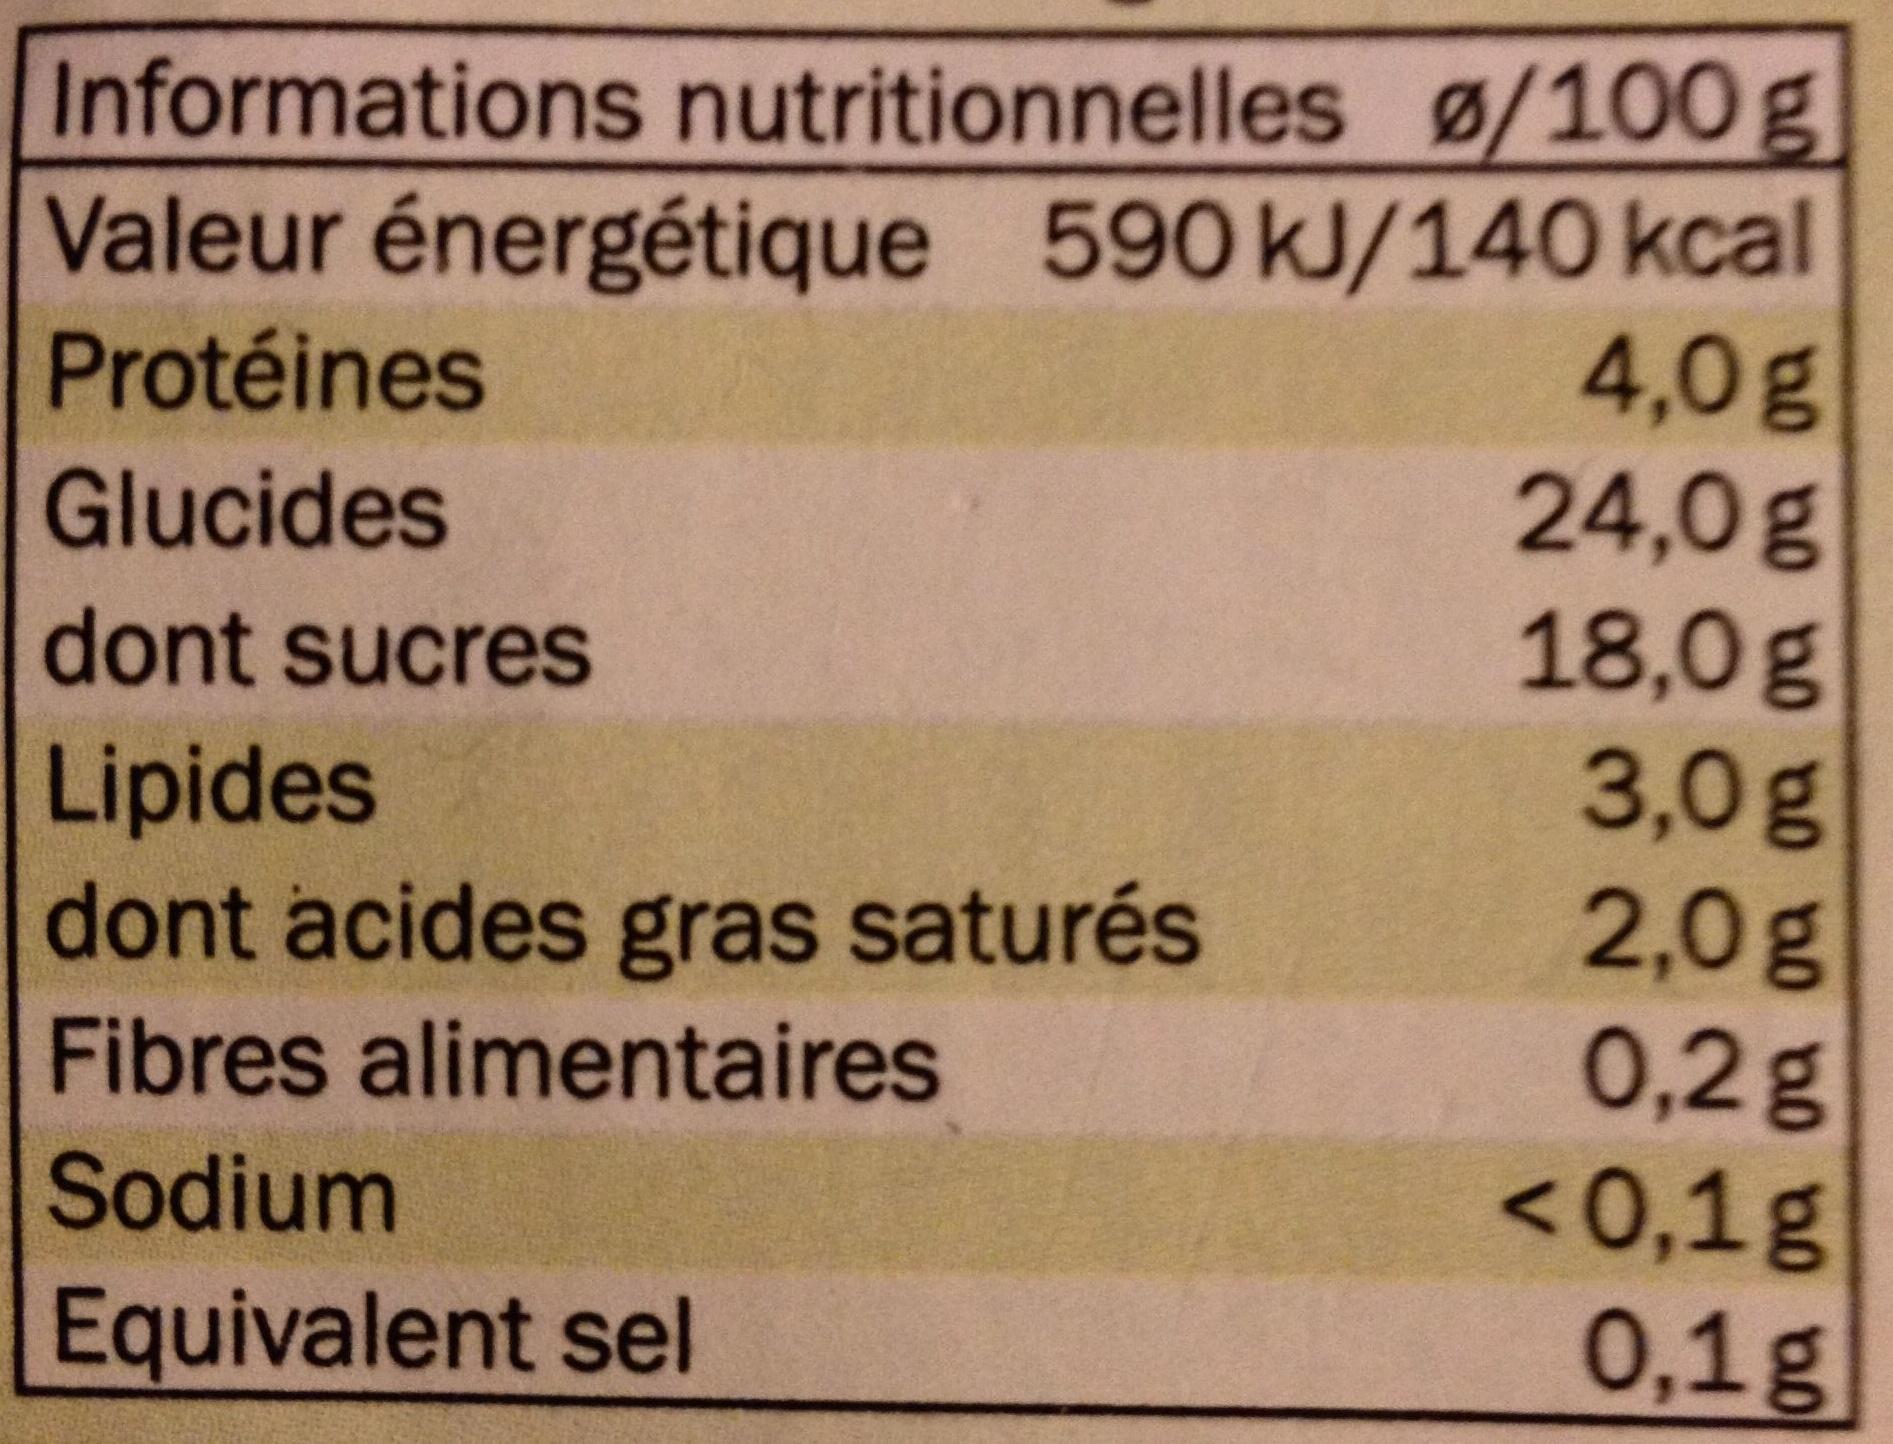 Gâteau de semoule aux raisins sur lit de caramel - Nutrition facts - fr